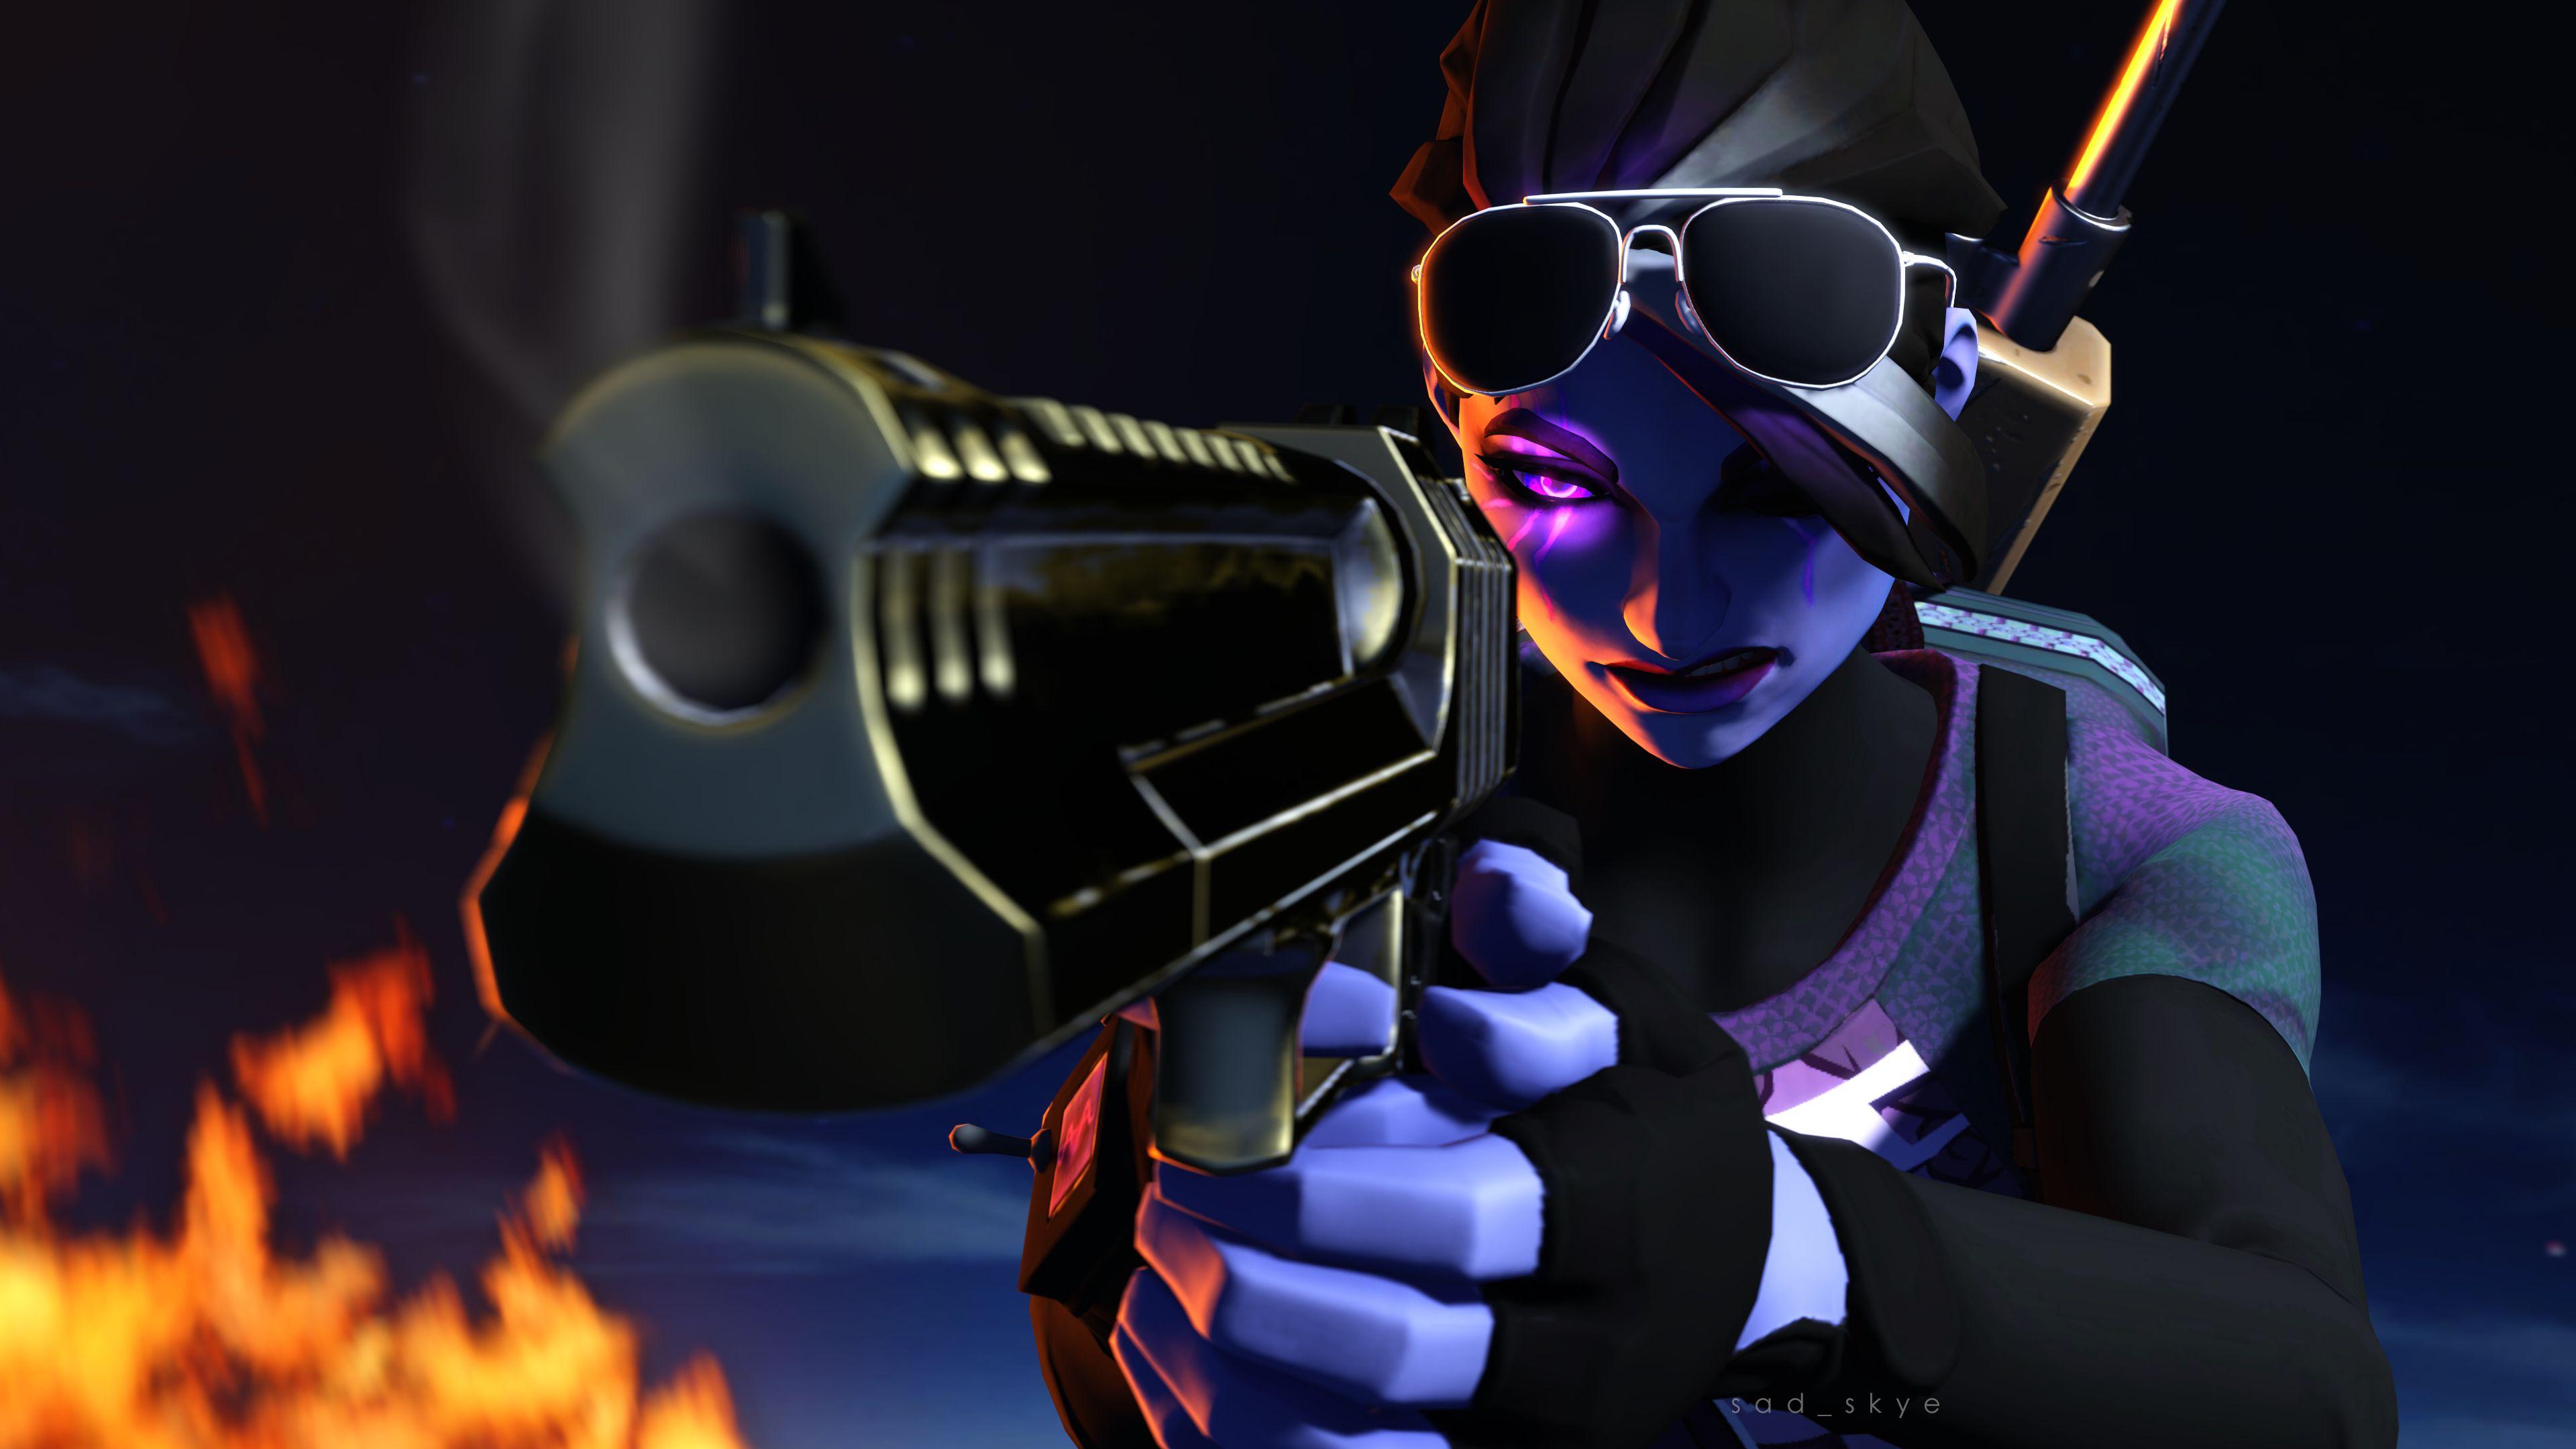 Dark Bomber Pistol Fortnite Battle Royale 4k 27350 Battle Royale Game Gamer Pics Gaming Wallpapers